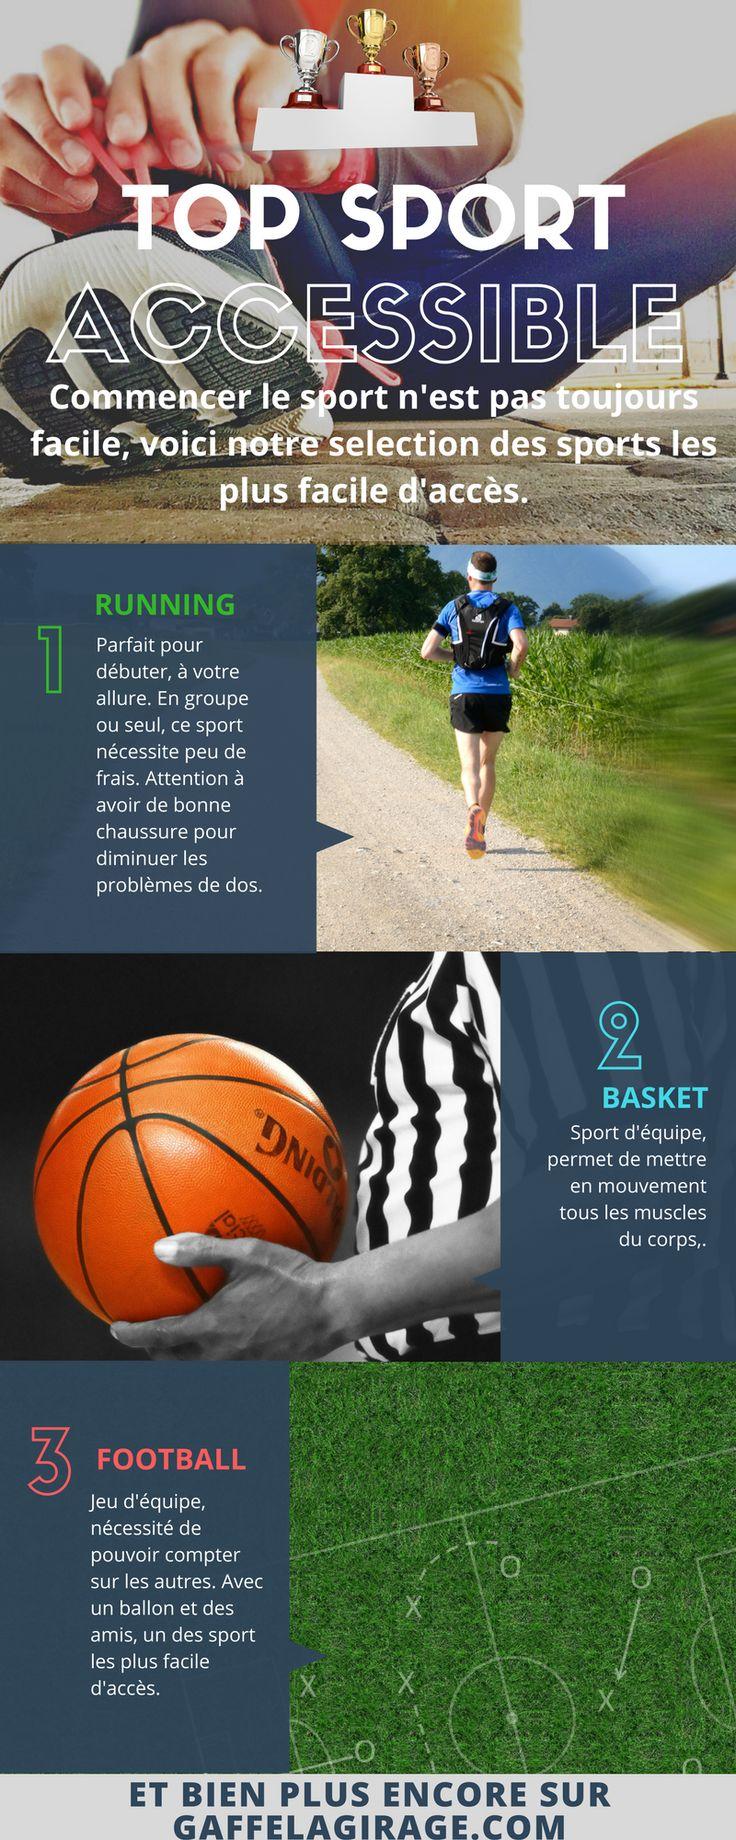 La Girafe vous propose donc 3 sports que vous pouvez pratiquer très simplement et quand bon vous semble!#astuces #conseils #sport #perdredupoids #perdreduventre #maigrir #regime #minceur